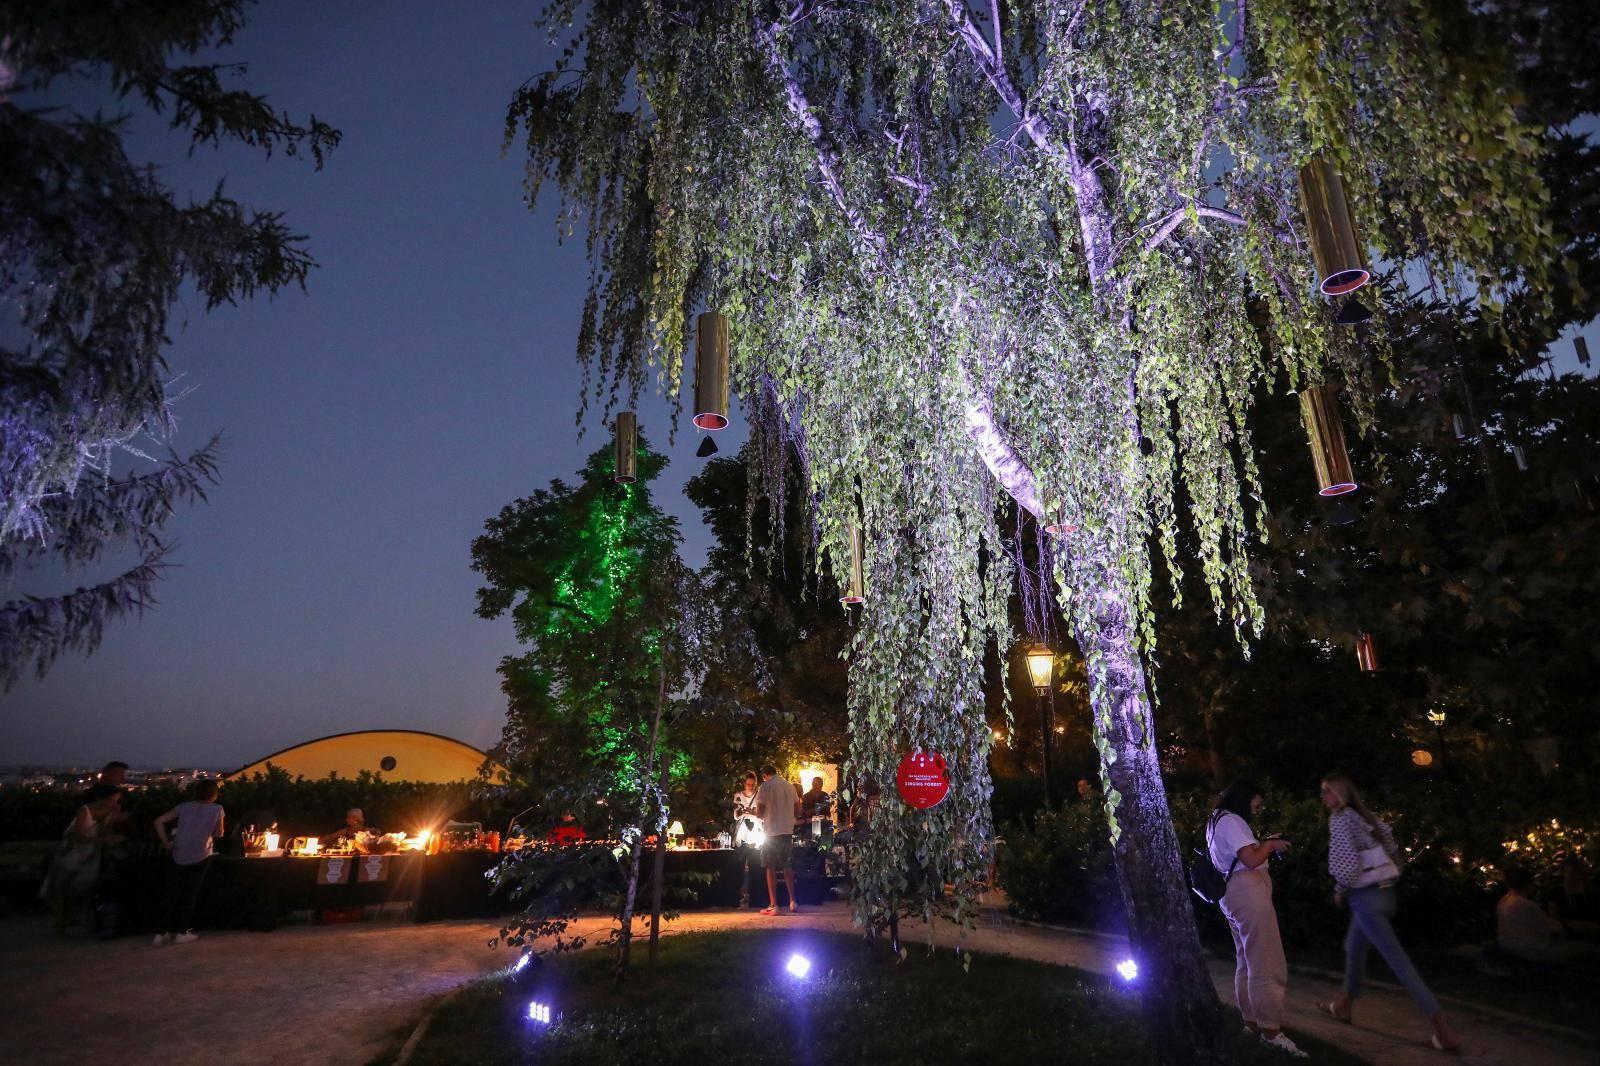 Zagreb: Noćni ugođaj u parku Bele IV. uz svjetlosno-zvučnu instalaciju